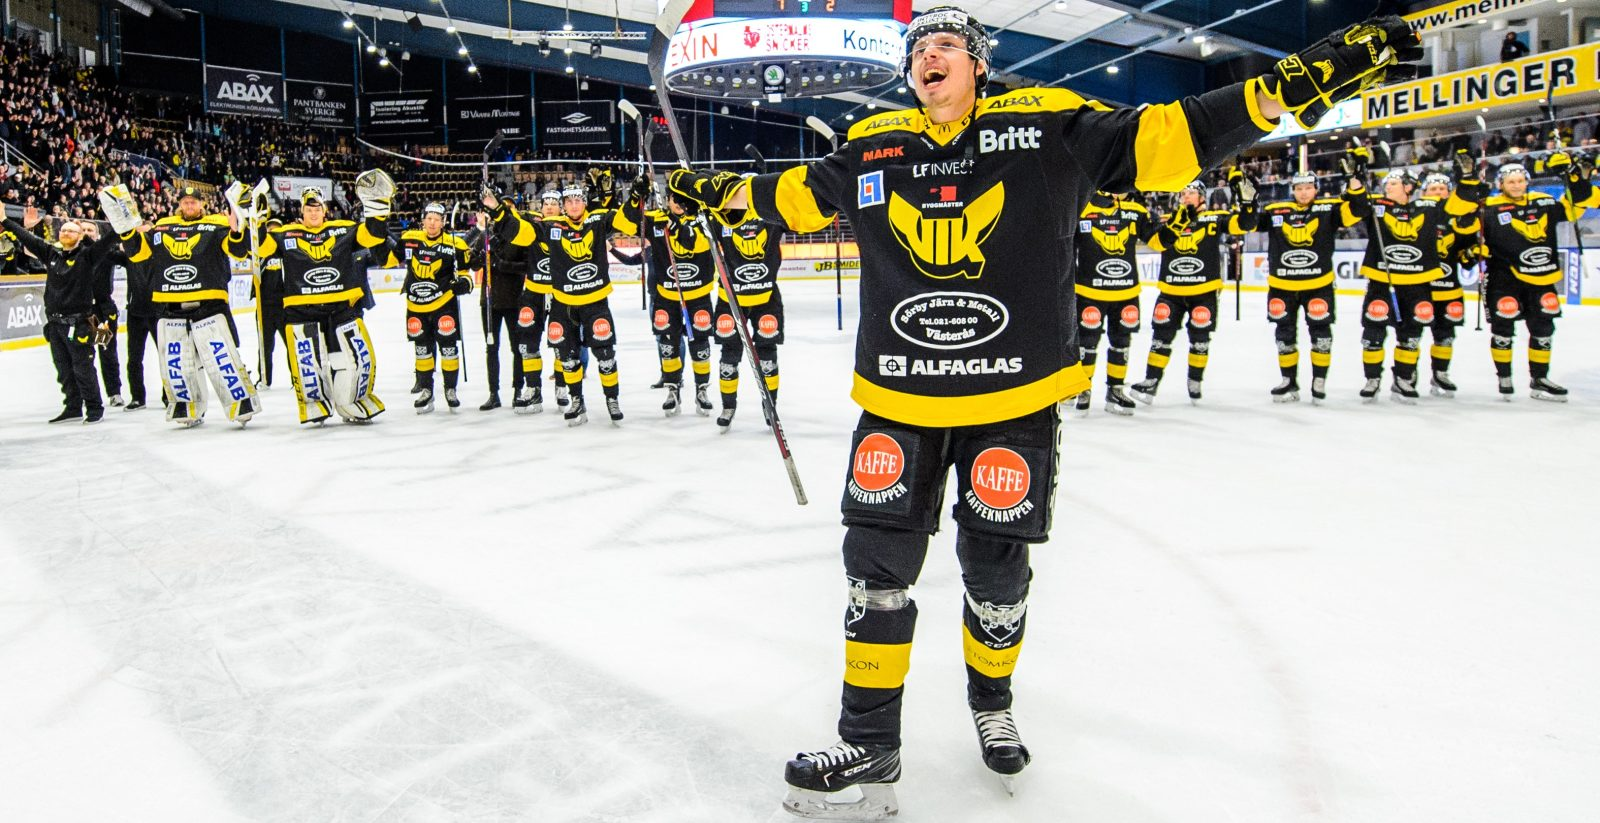 HEDLUND: Så slutar Hockeyallsvenskan 2019/2020